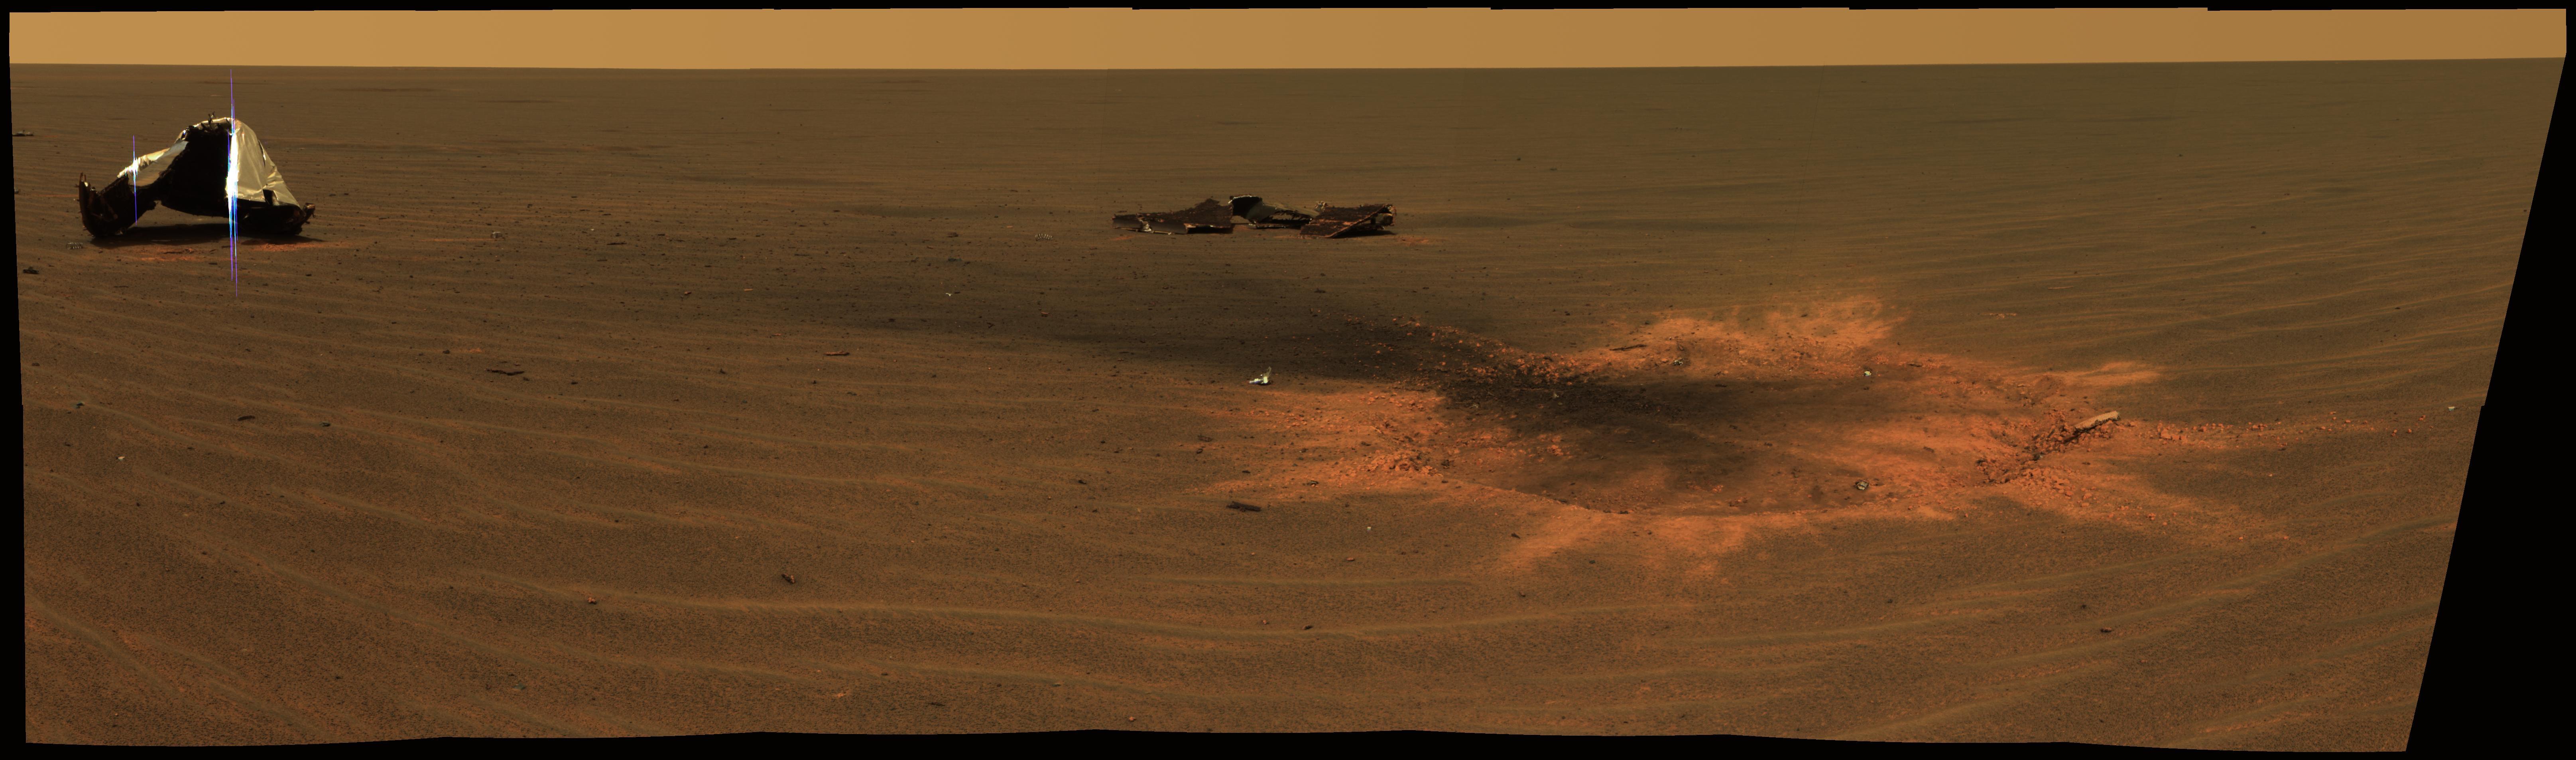 Le cratère d\'impact du bouclier thermique sur Mars